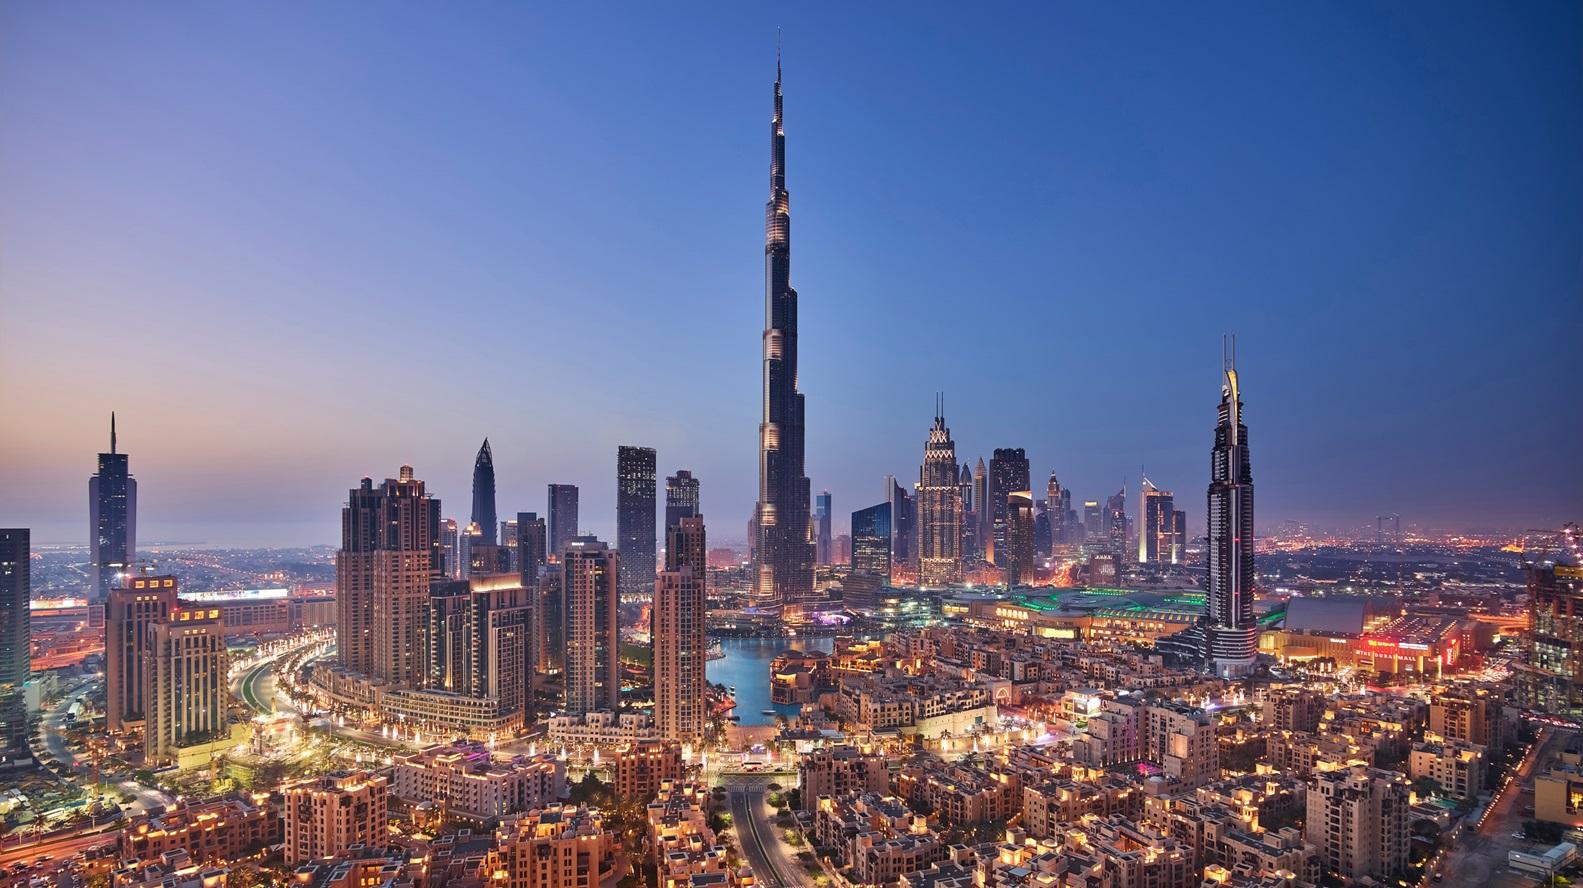 حمدان بن محمد: «خط دبي للحرير» تطور نوعي يدعم النمو التجاري للإمارات